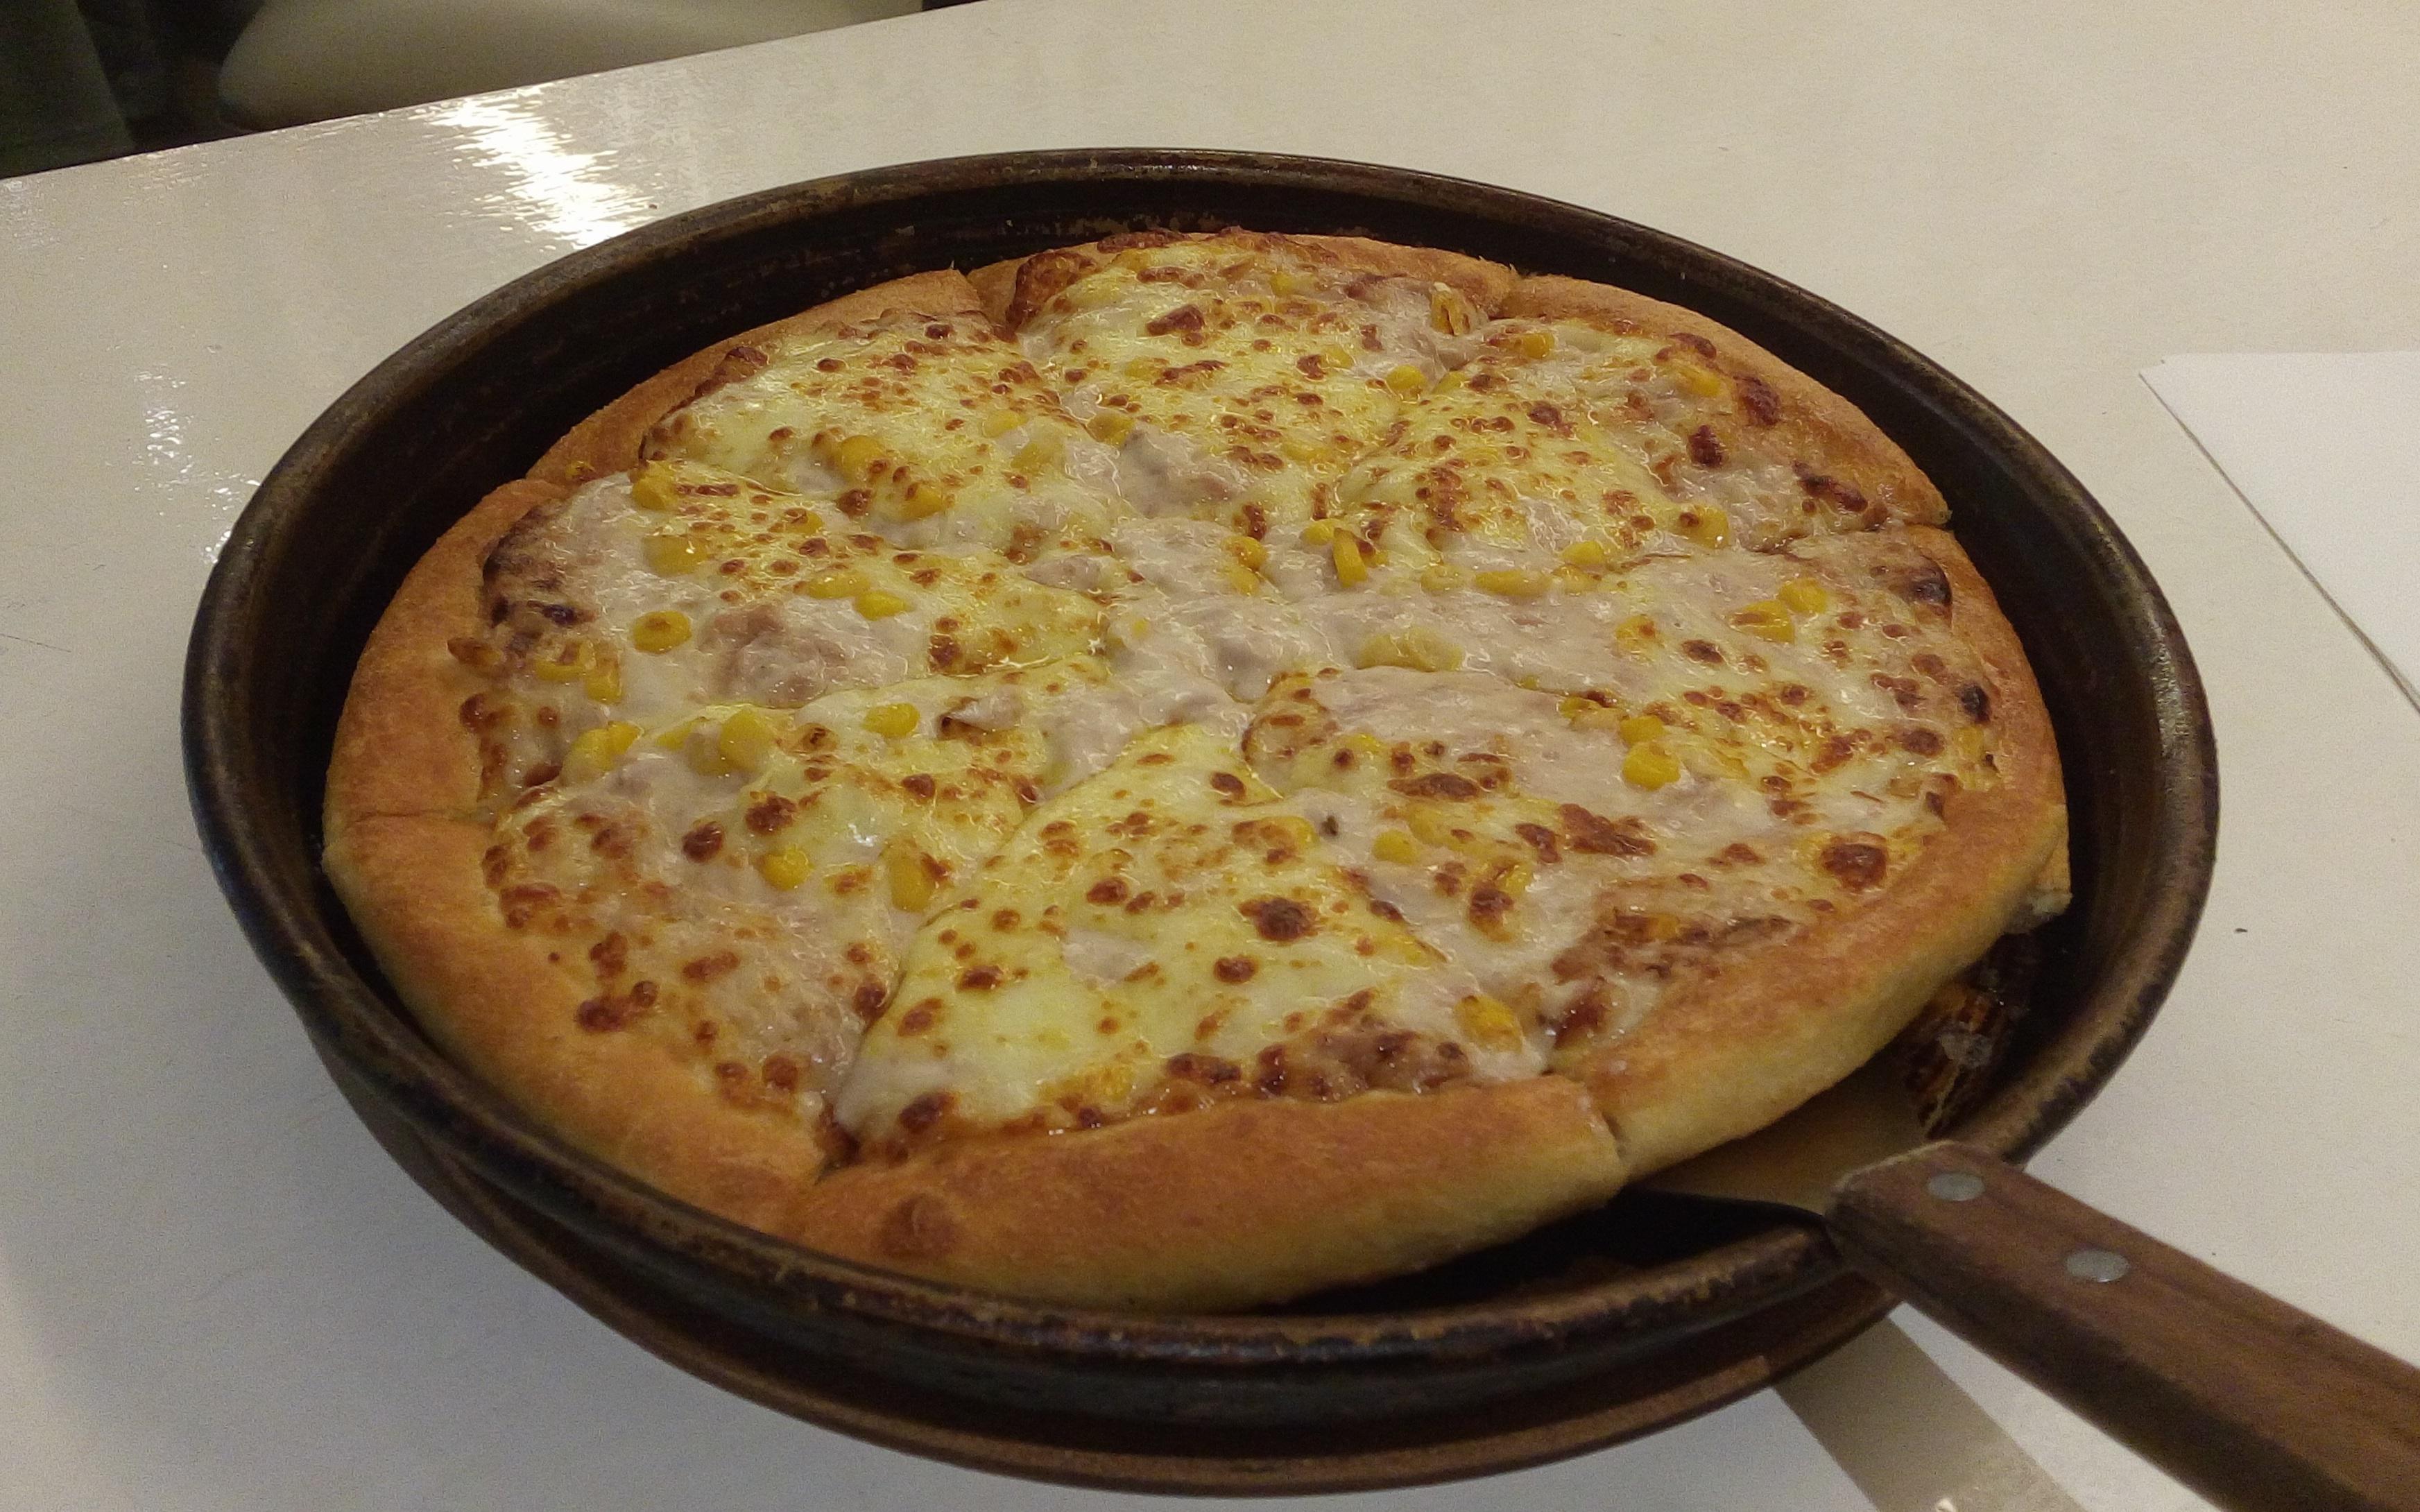 TRIK MUDAH BUAT ADONAN PIZZA